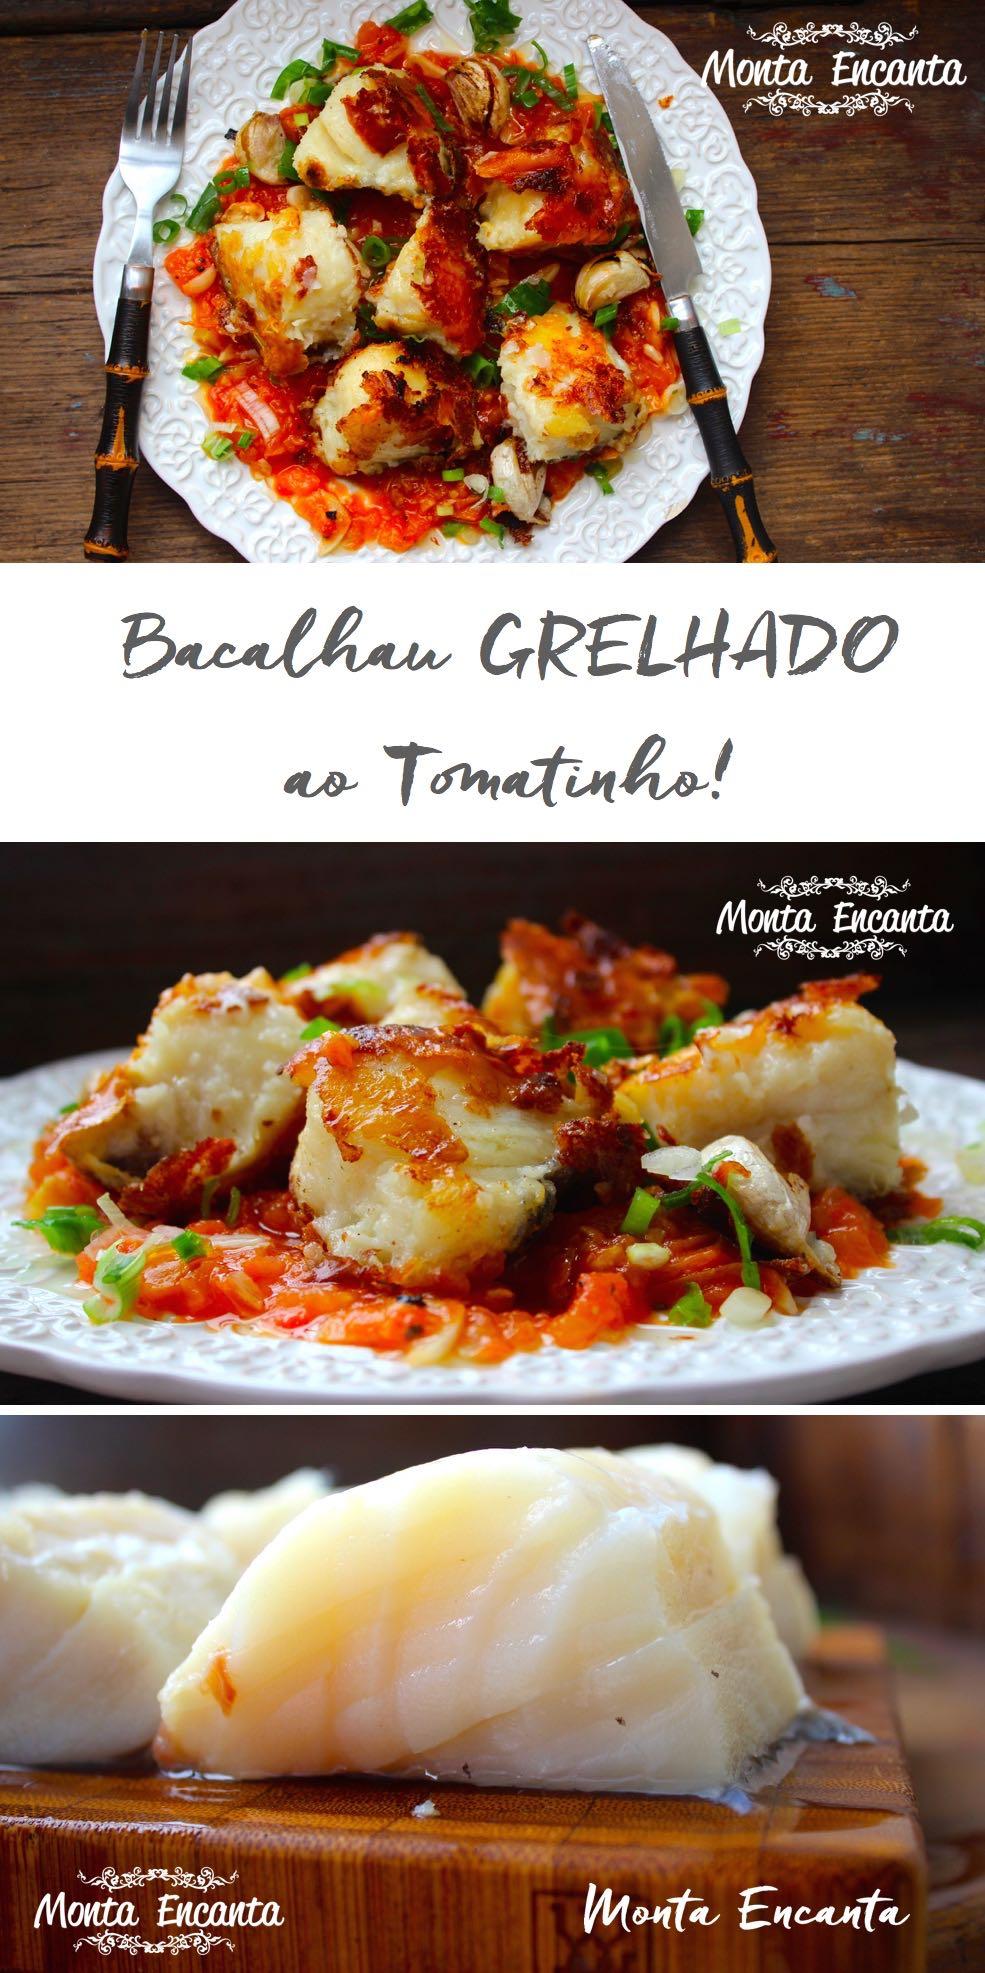 Bacalhau grelhado ao tomatinho